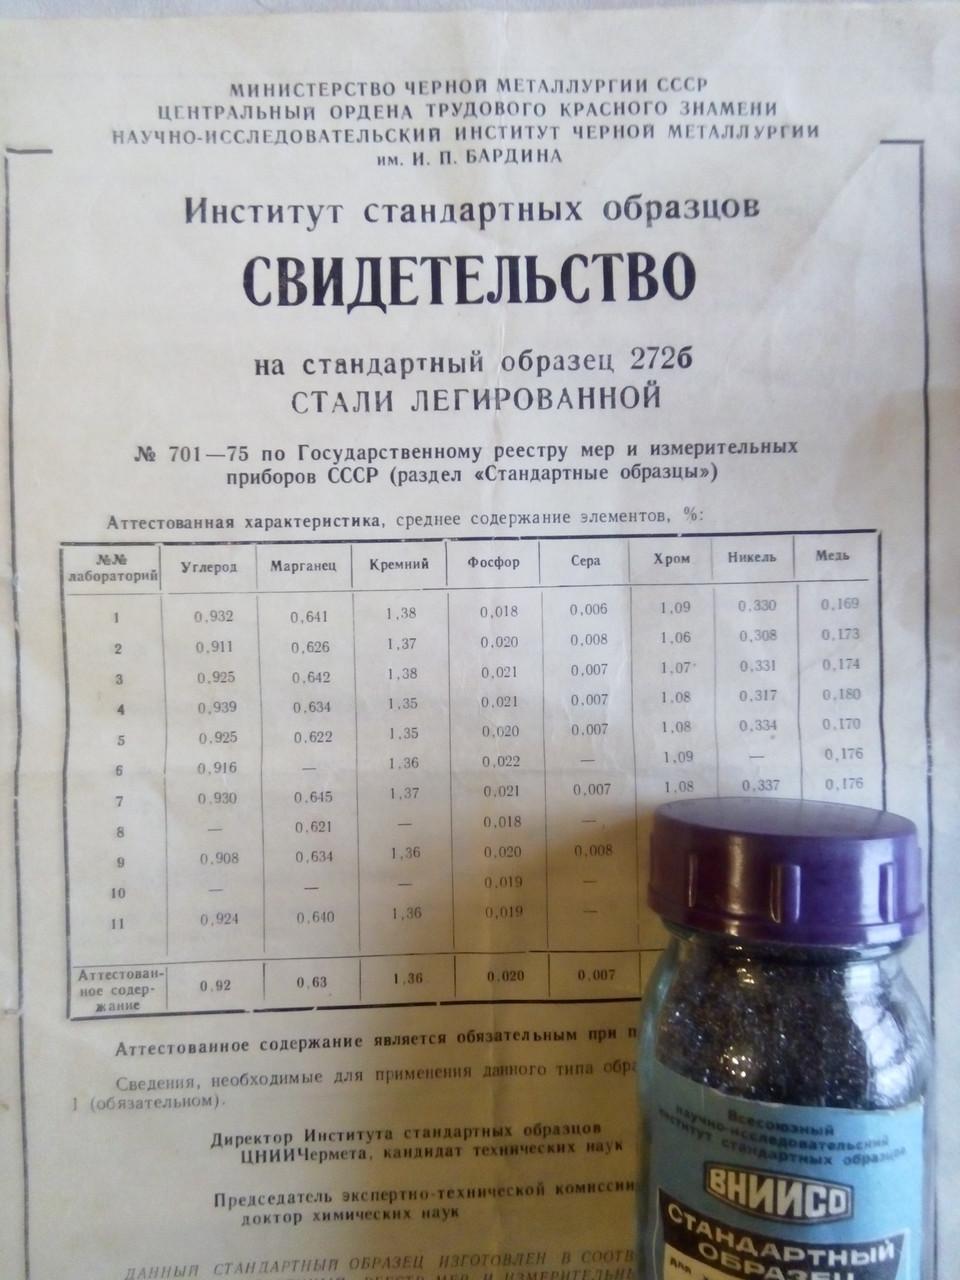 Образец ,сталь легированного типа ,образец 272 б  № 701-75